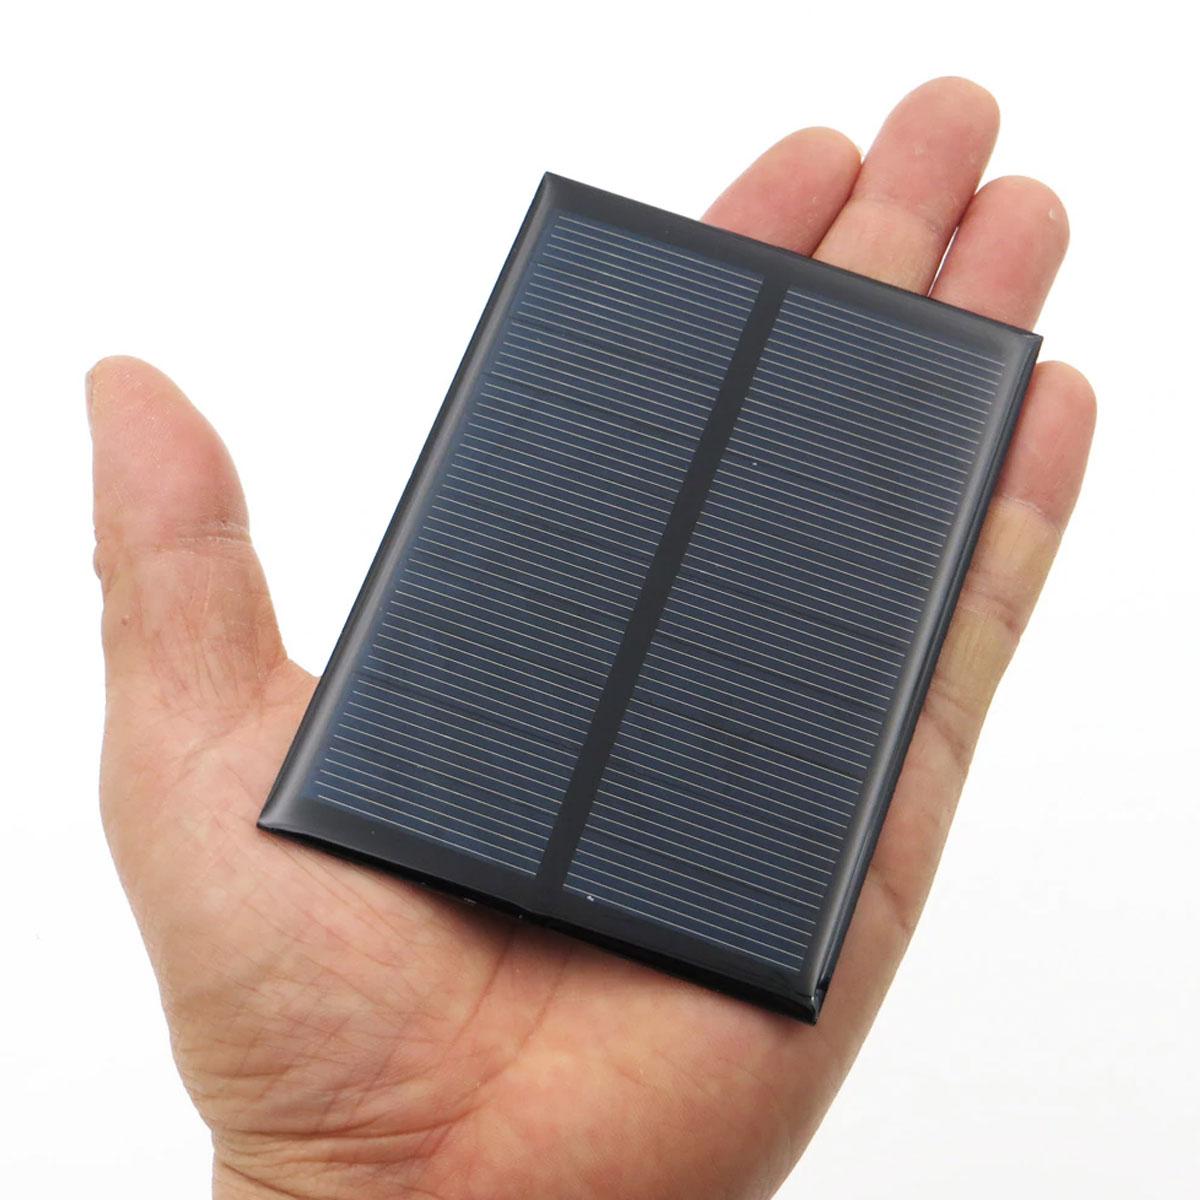 4x Mini Painel / Placa / Célula de Energia Solar Fotovoltaica 5v 200mA 1w